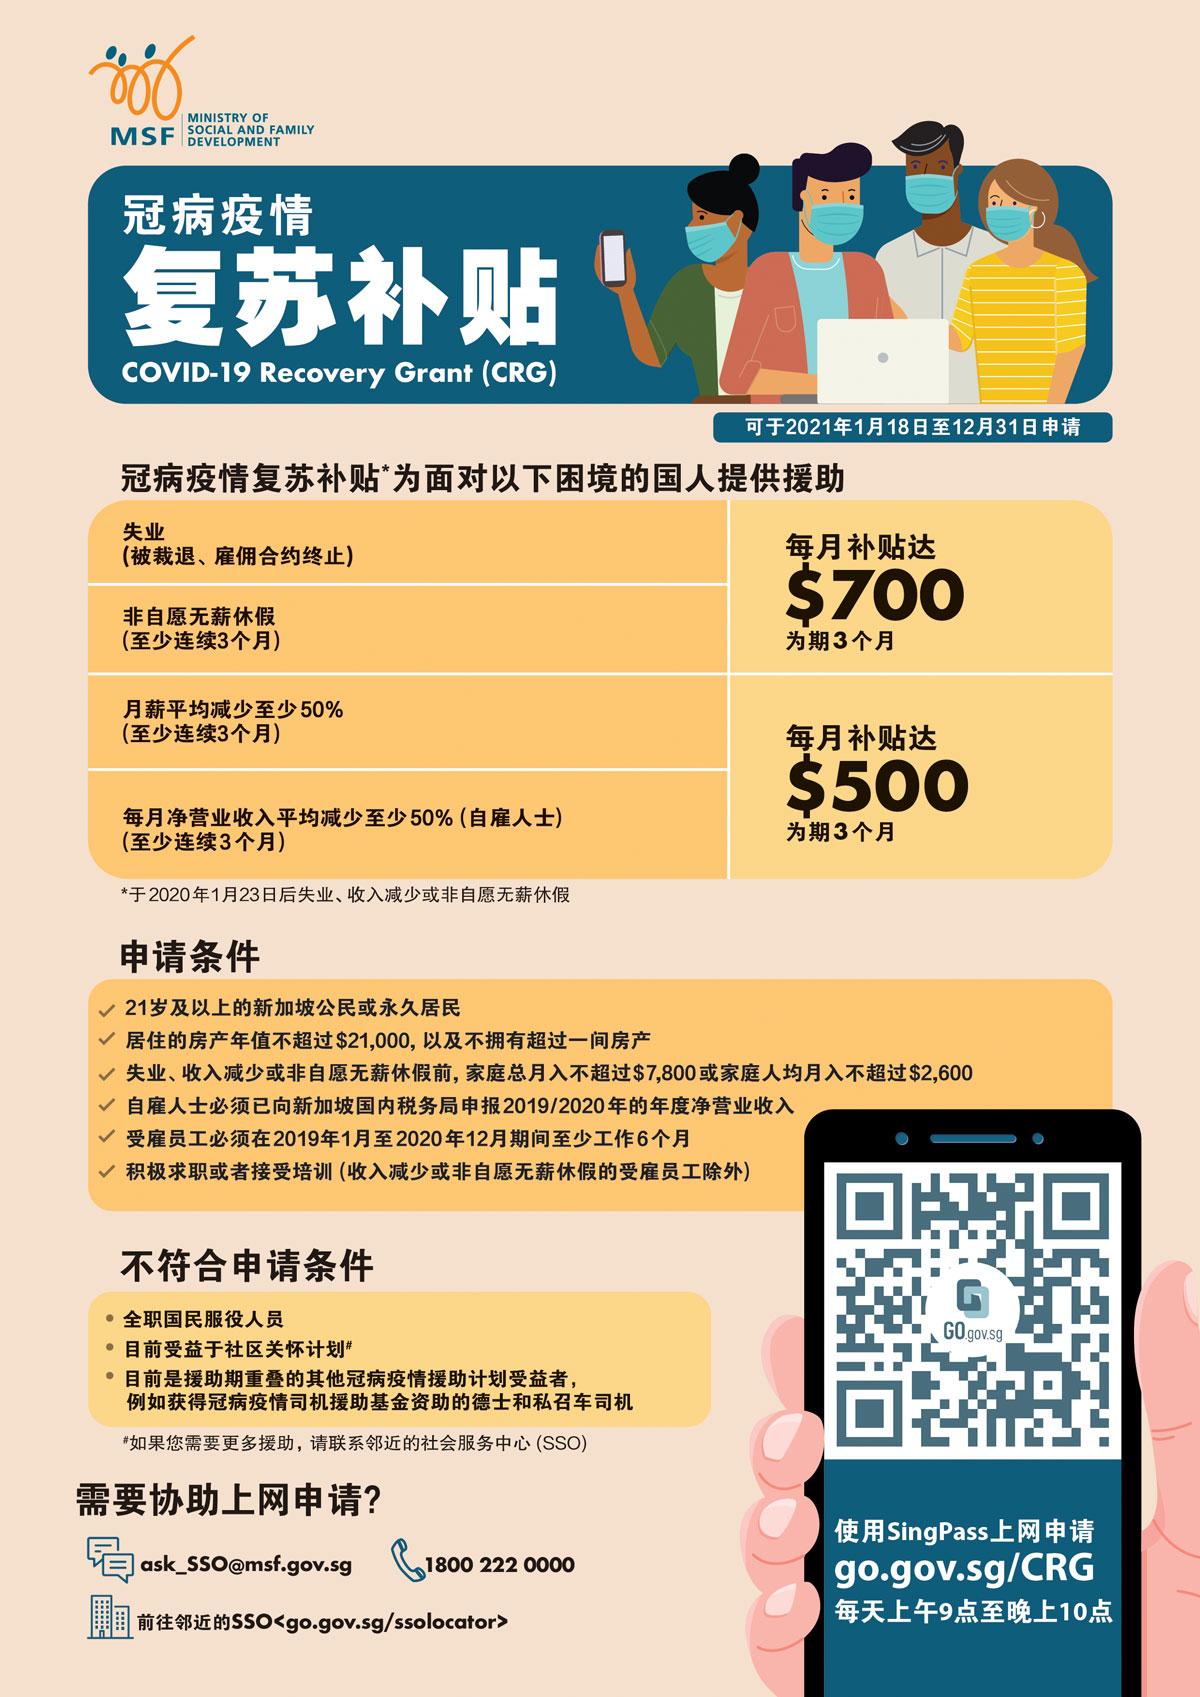 20210216-CRG-Chinese.jpg